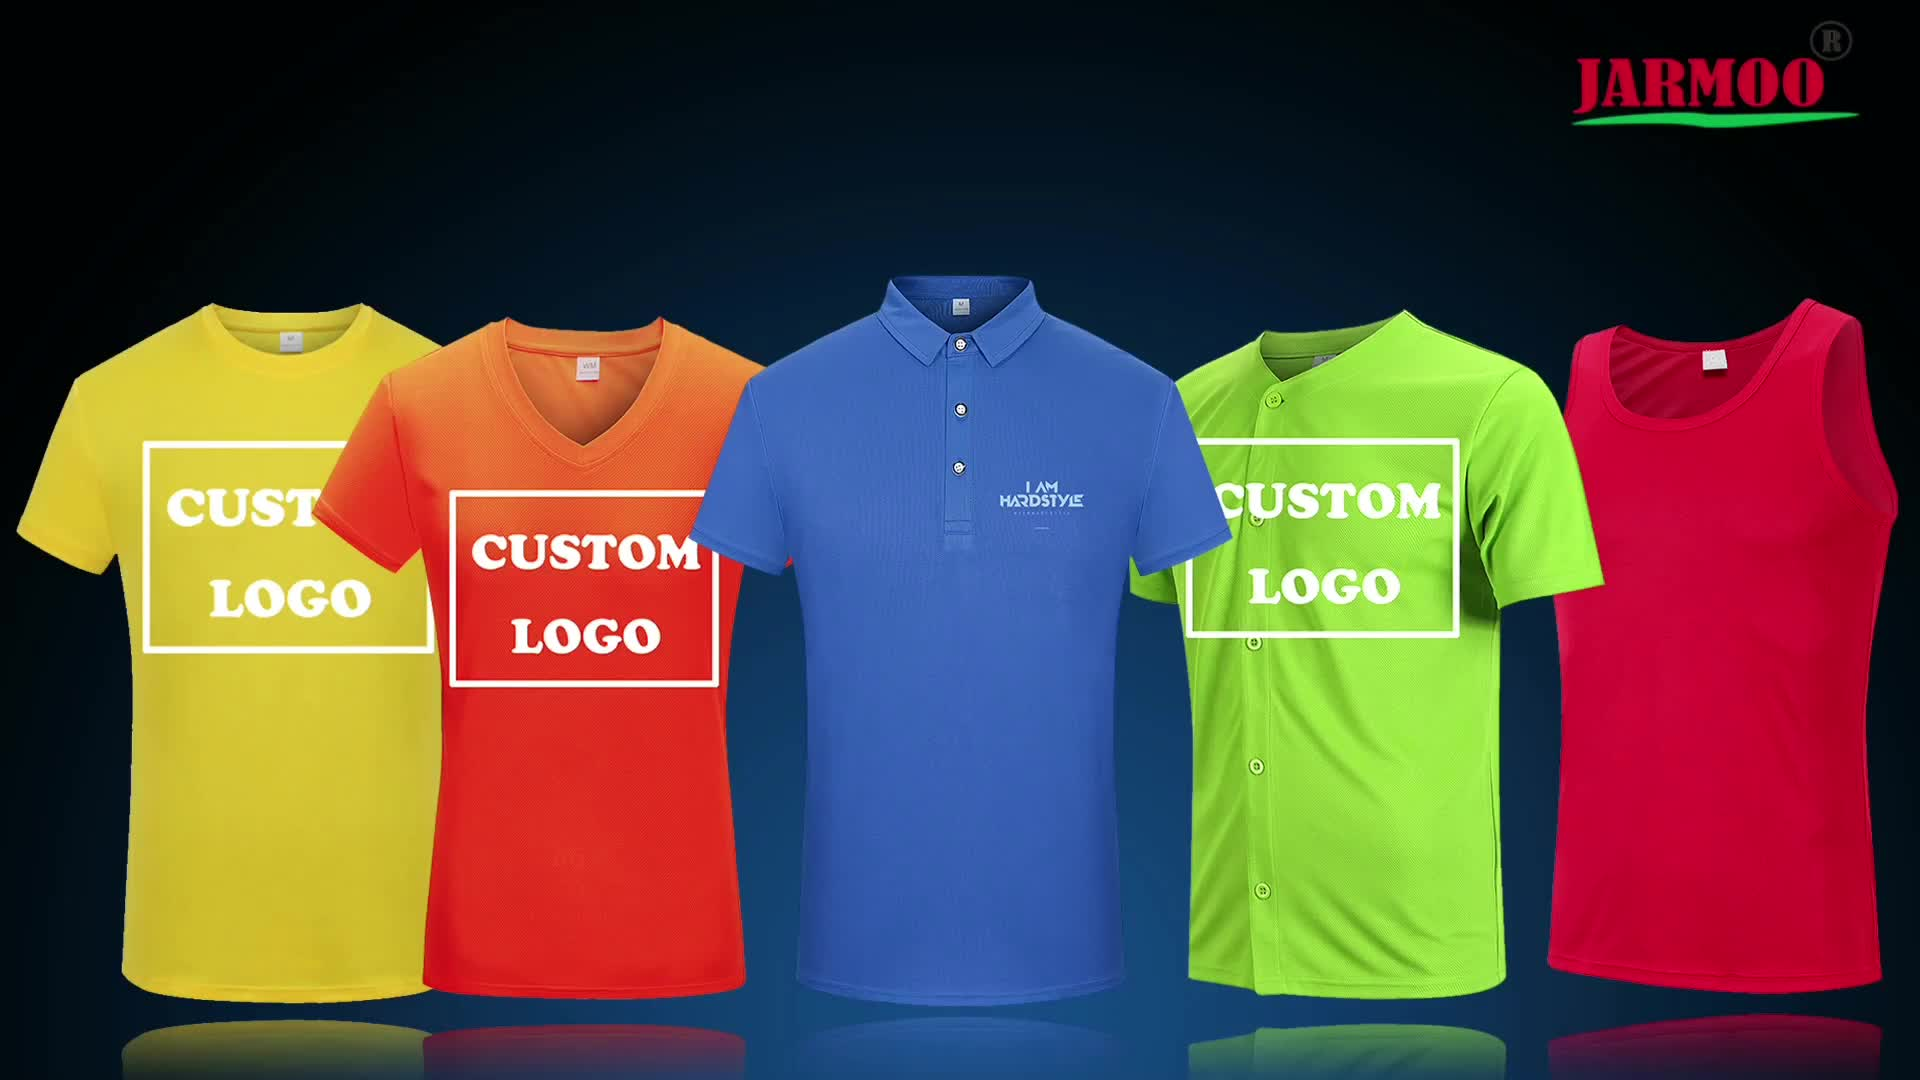 एक्स्ट्रा लार्ज फैक्टरी प्रत्यक्ष बिक्री कस्टम टी शर्ट pima कपास